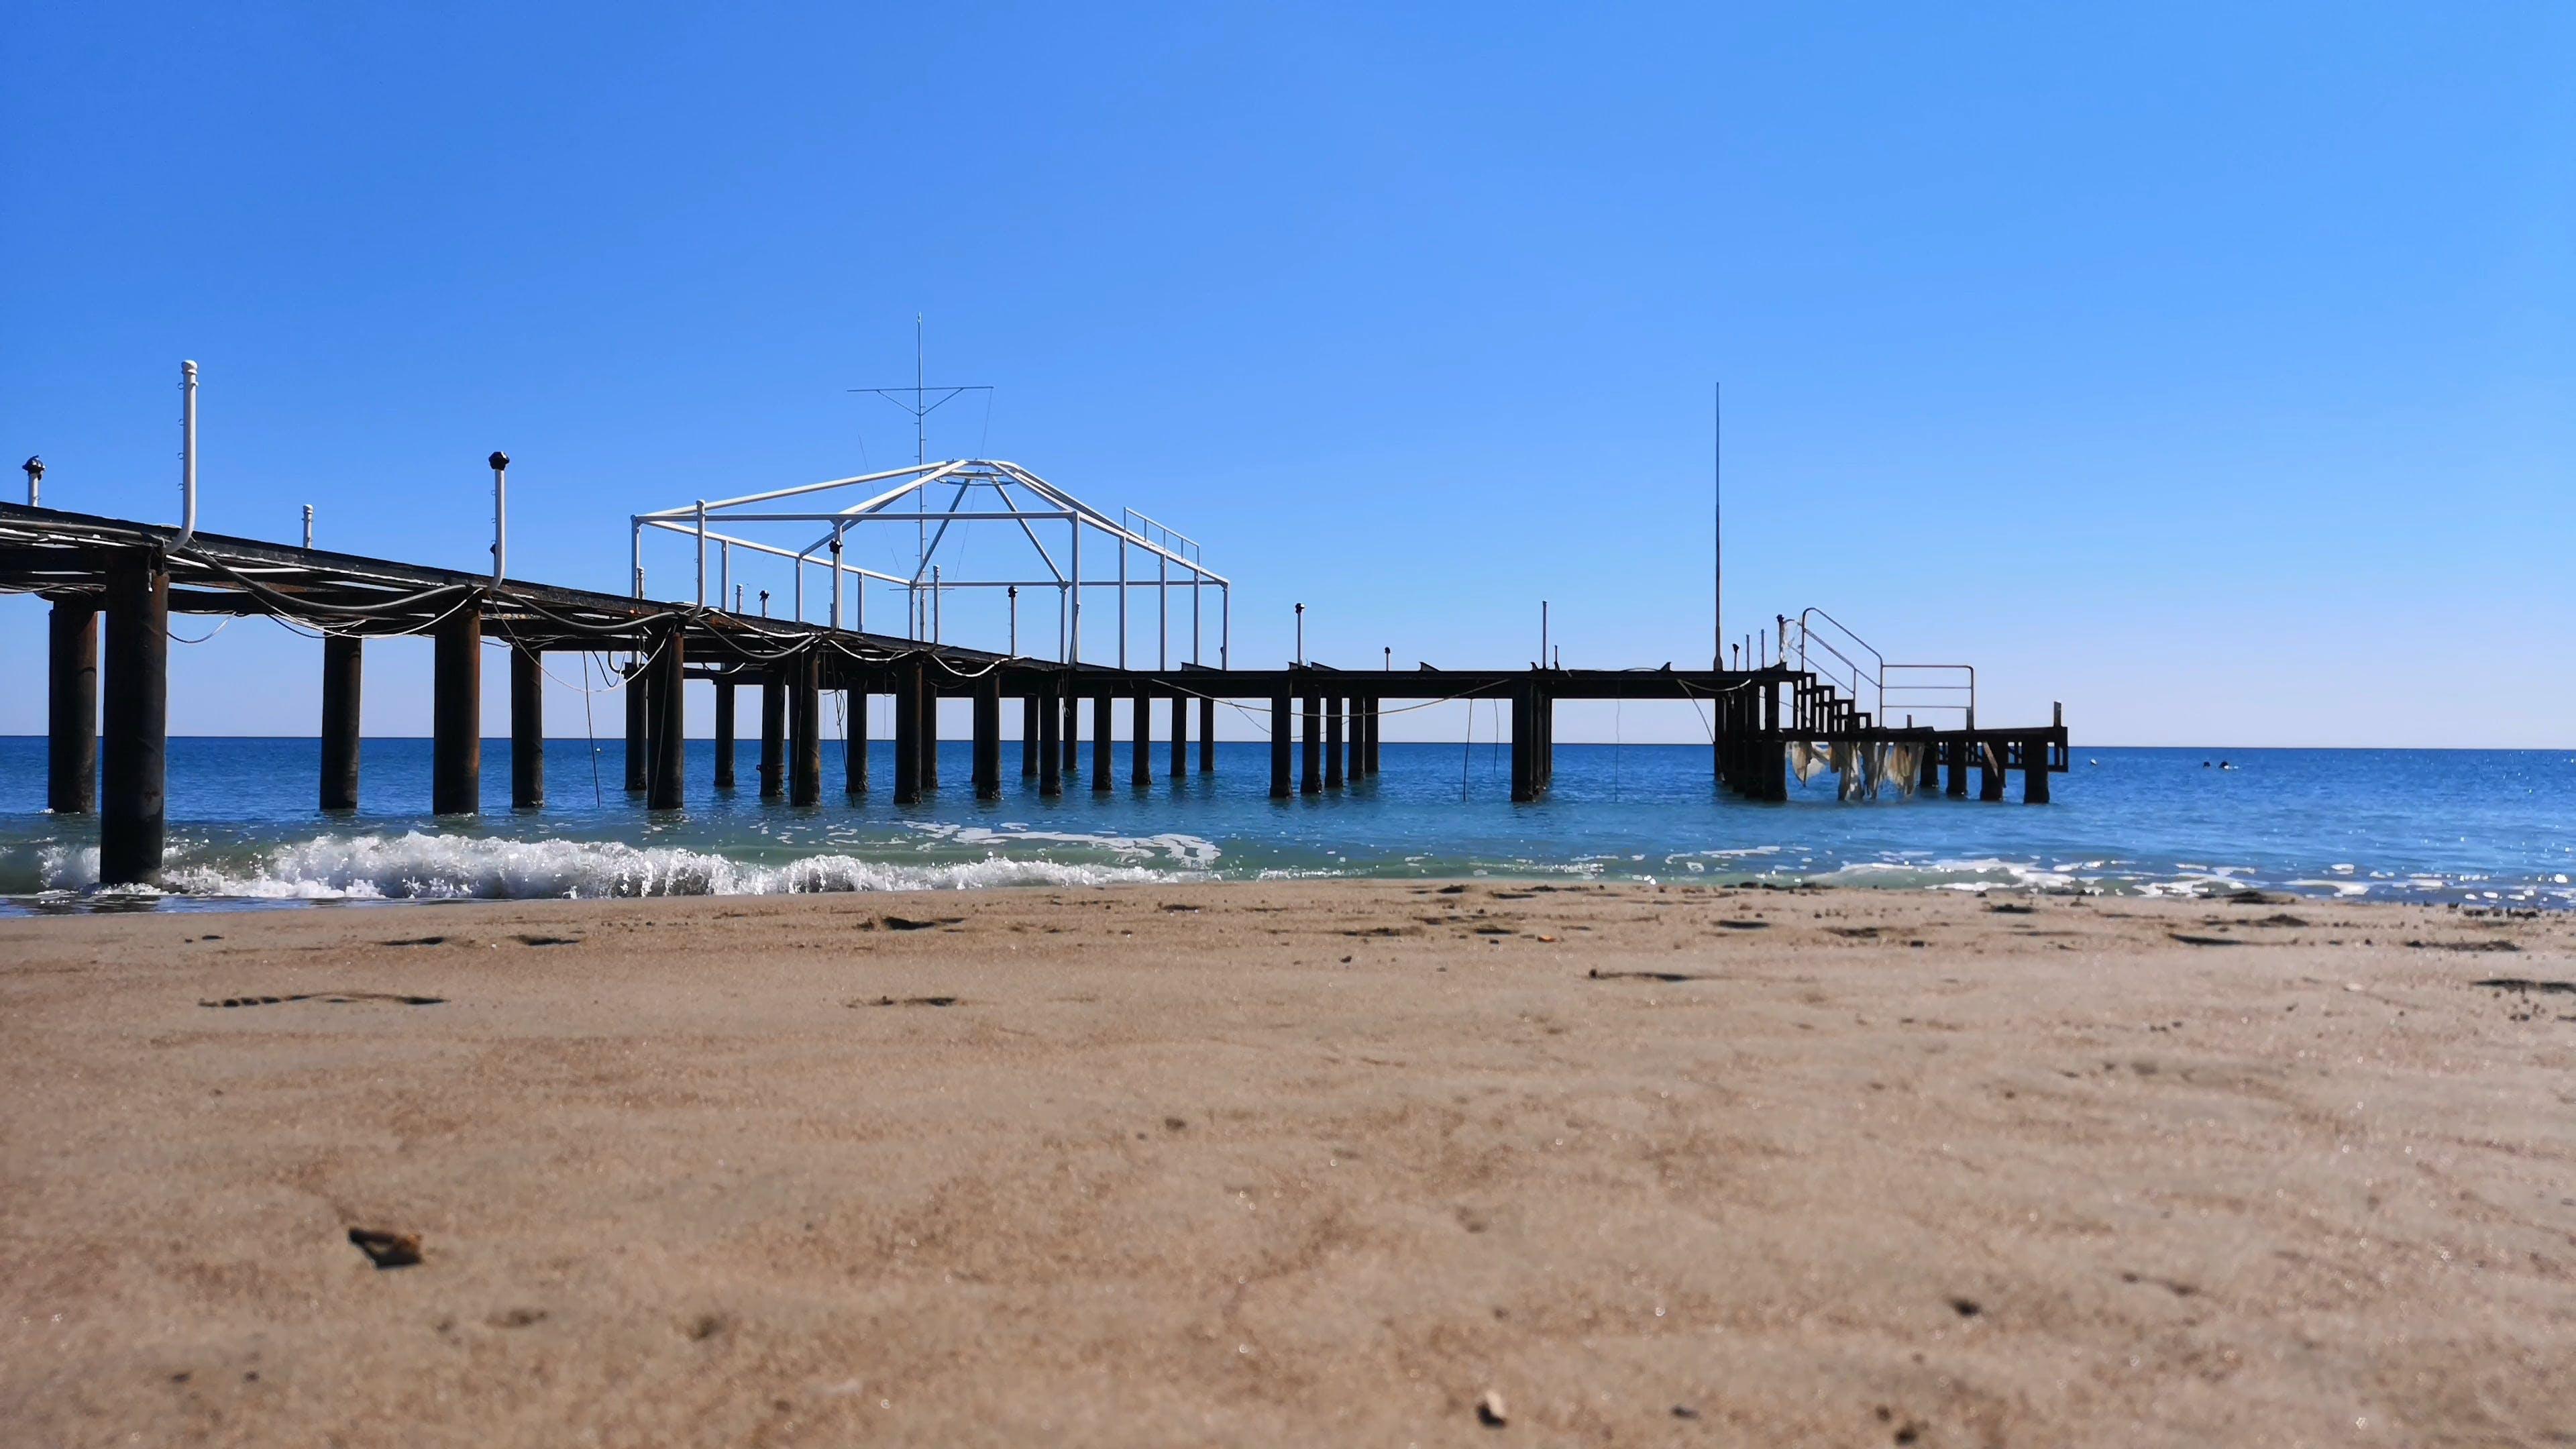 Beach With Wooden Boardwalk